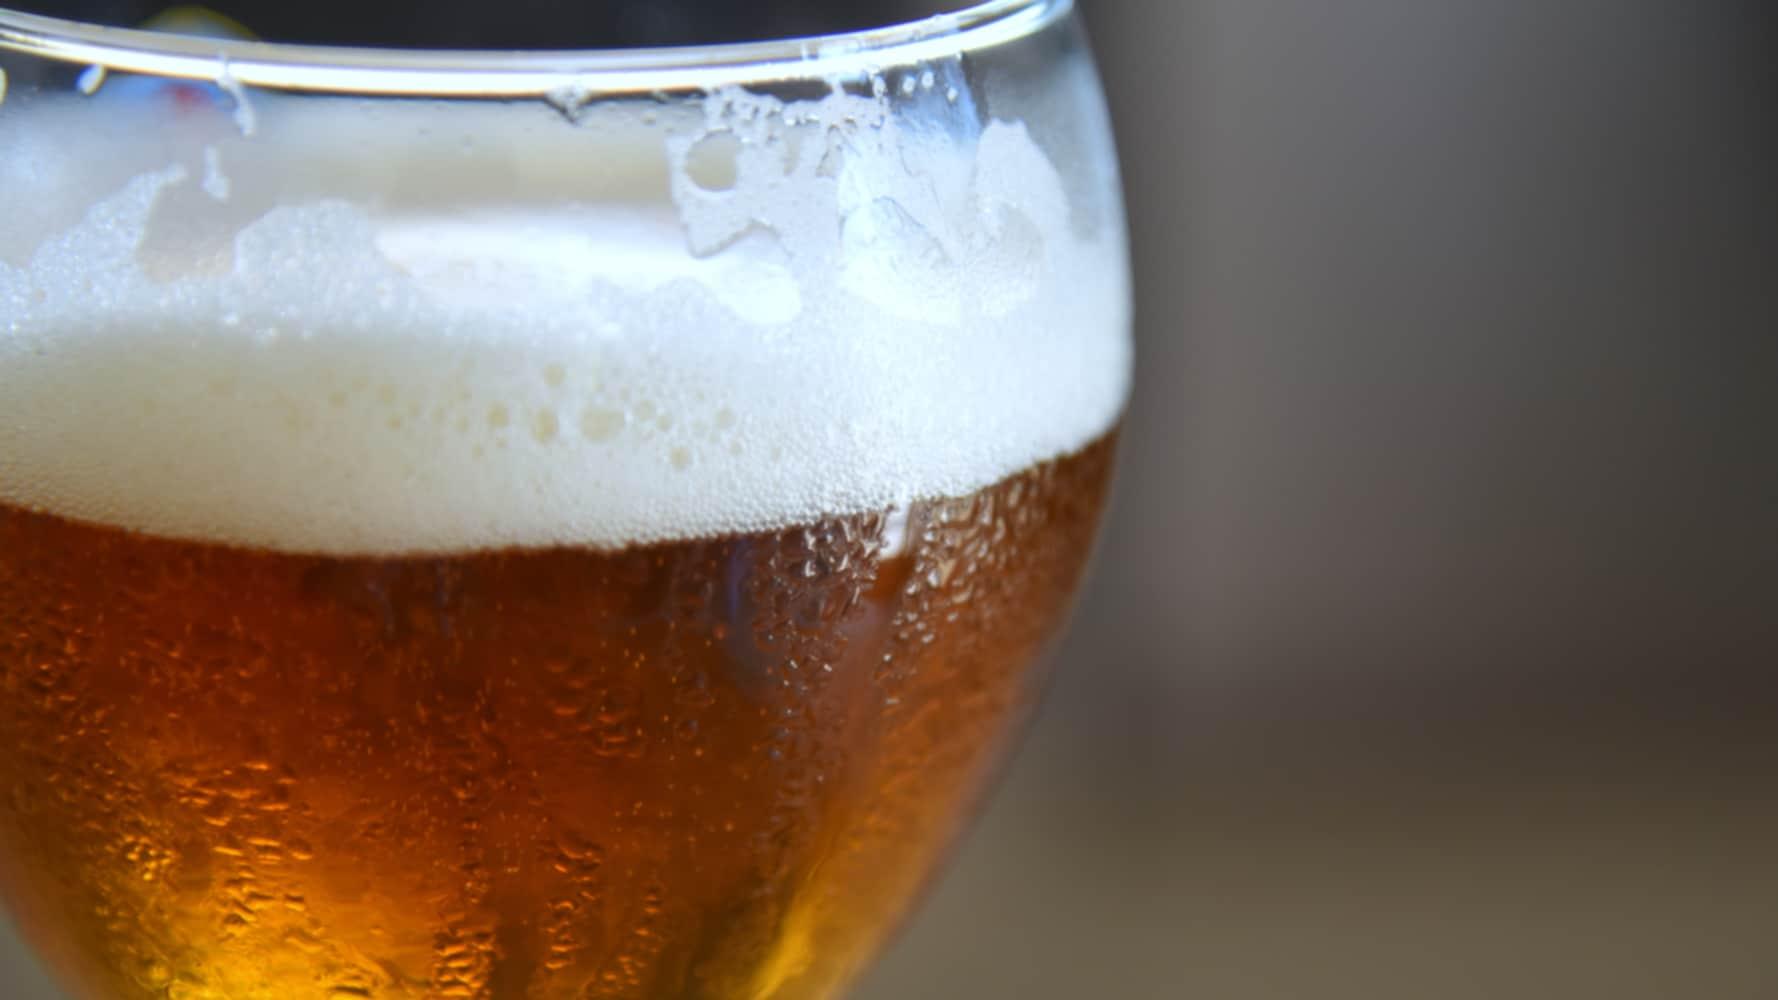 修道院ビール   聖なる麦酒「トラピスト」と「アベイ」